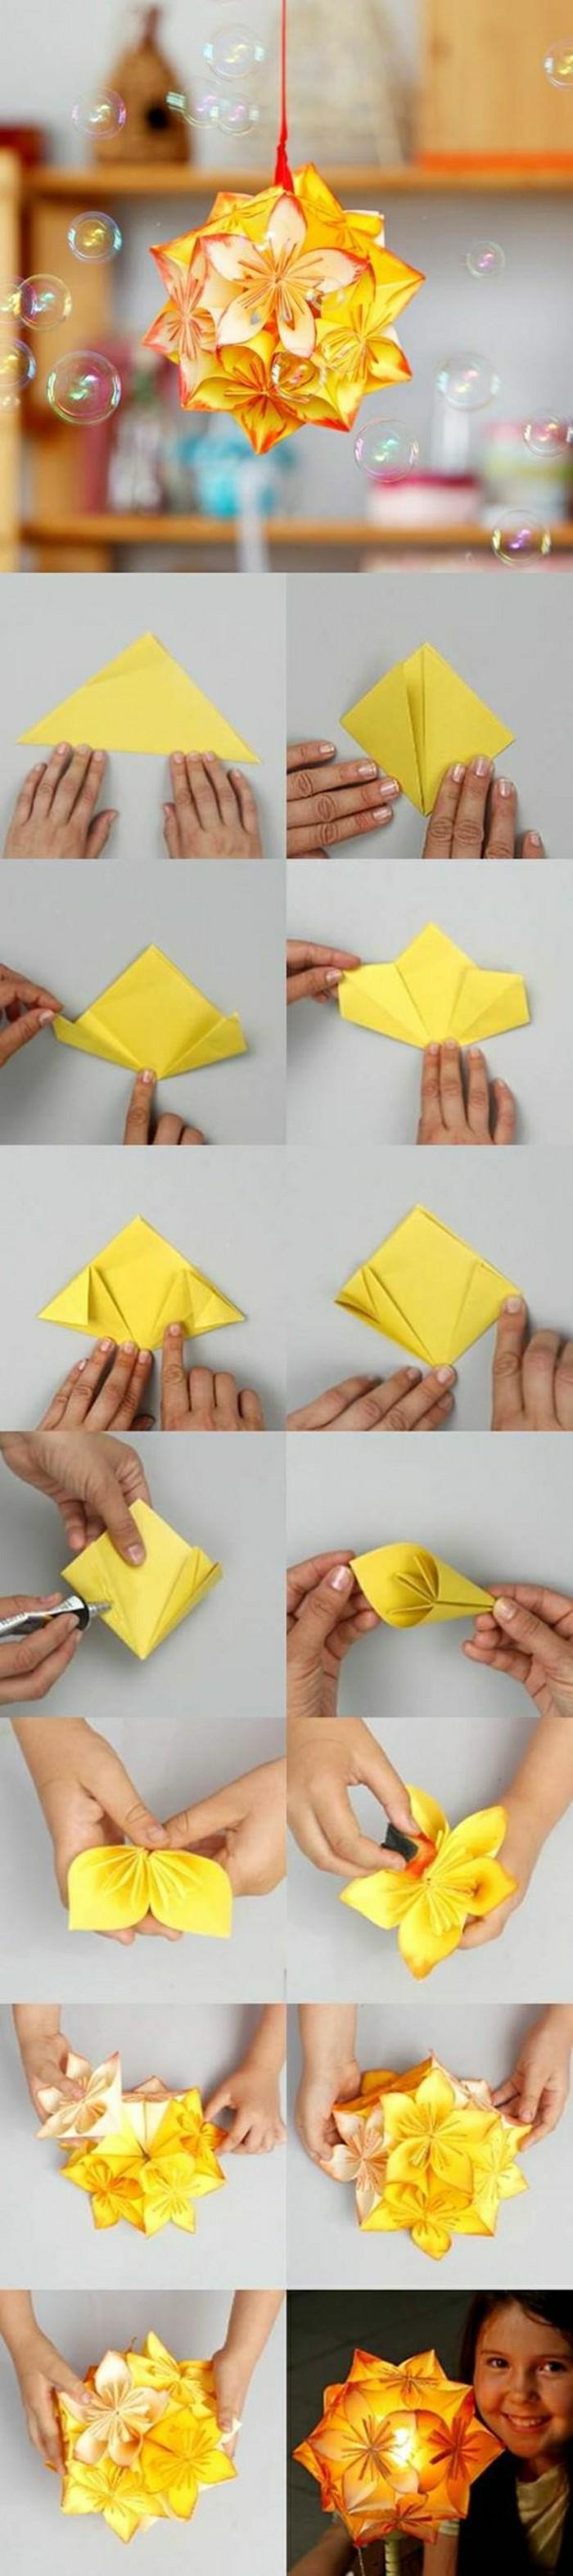 comment-faire-un-origami-facile-pliage-papier-jaune-origami-pour ...